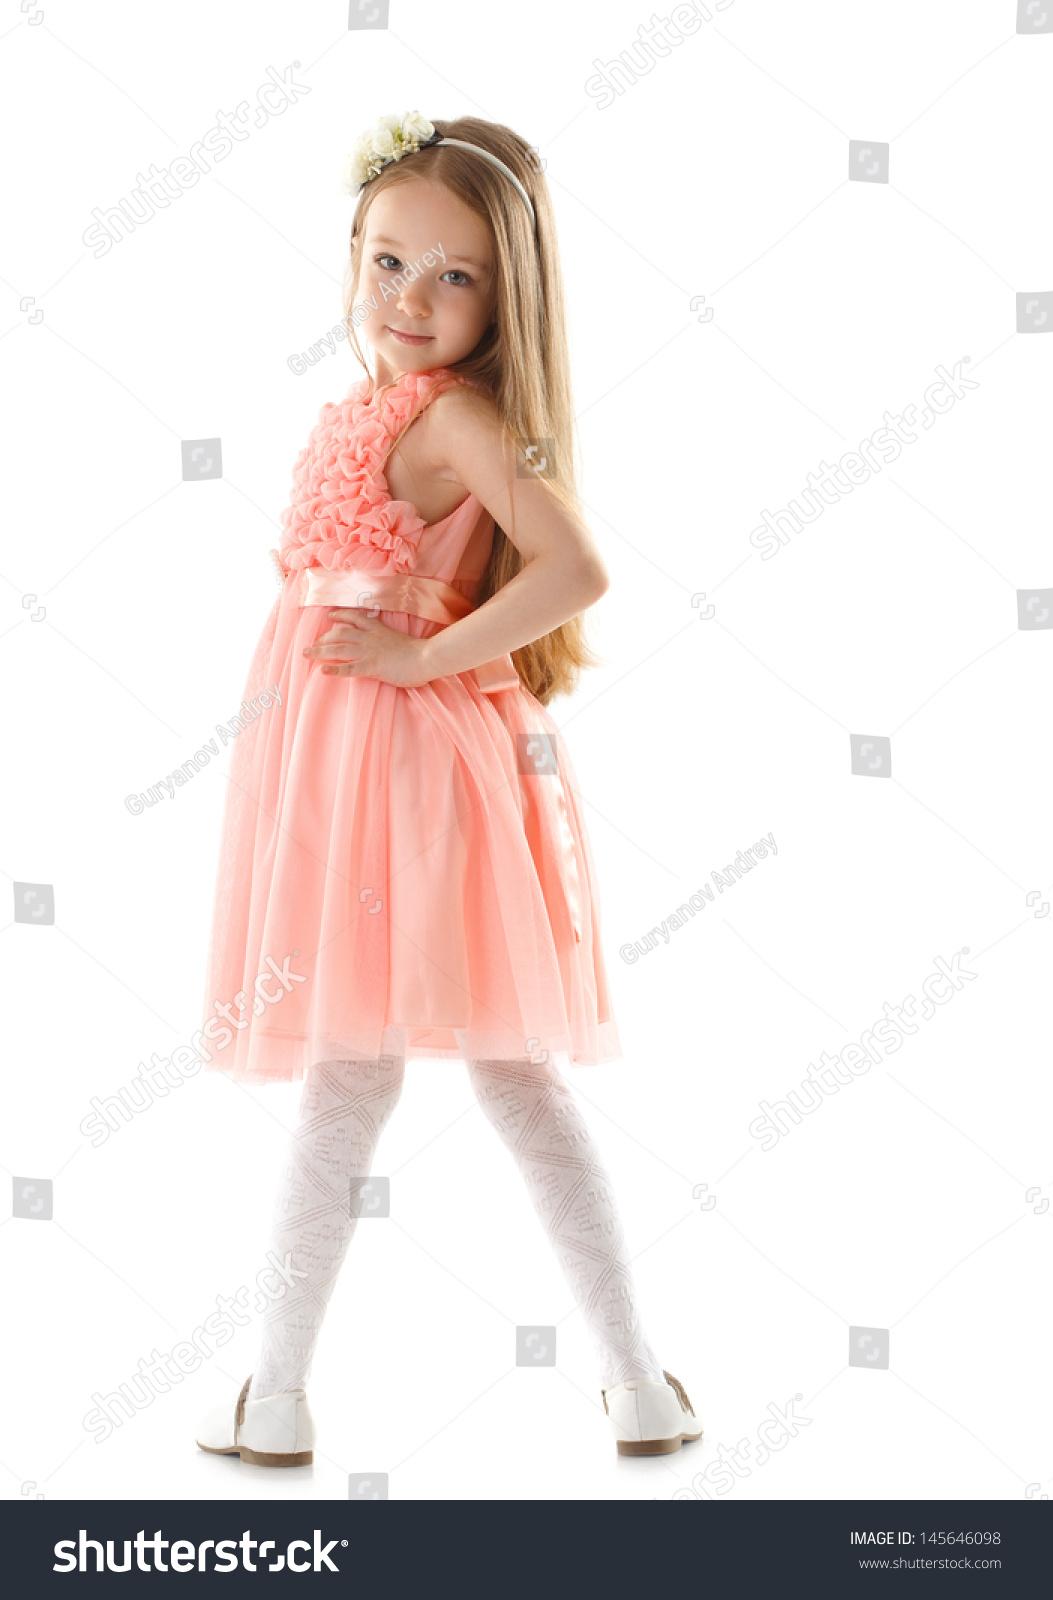 可爱的小女孩看着相机